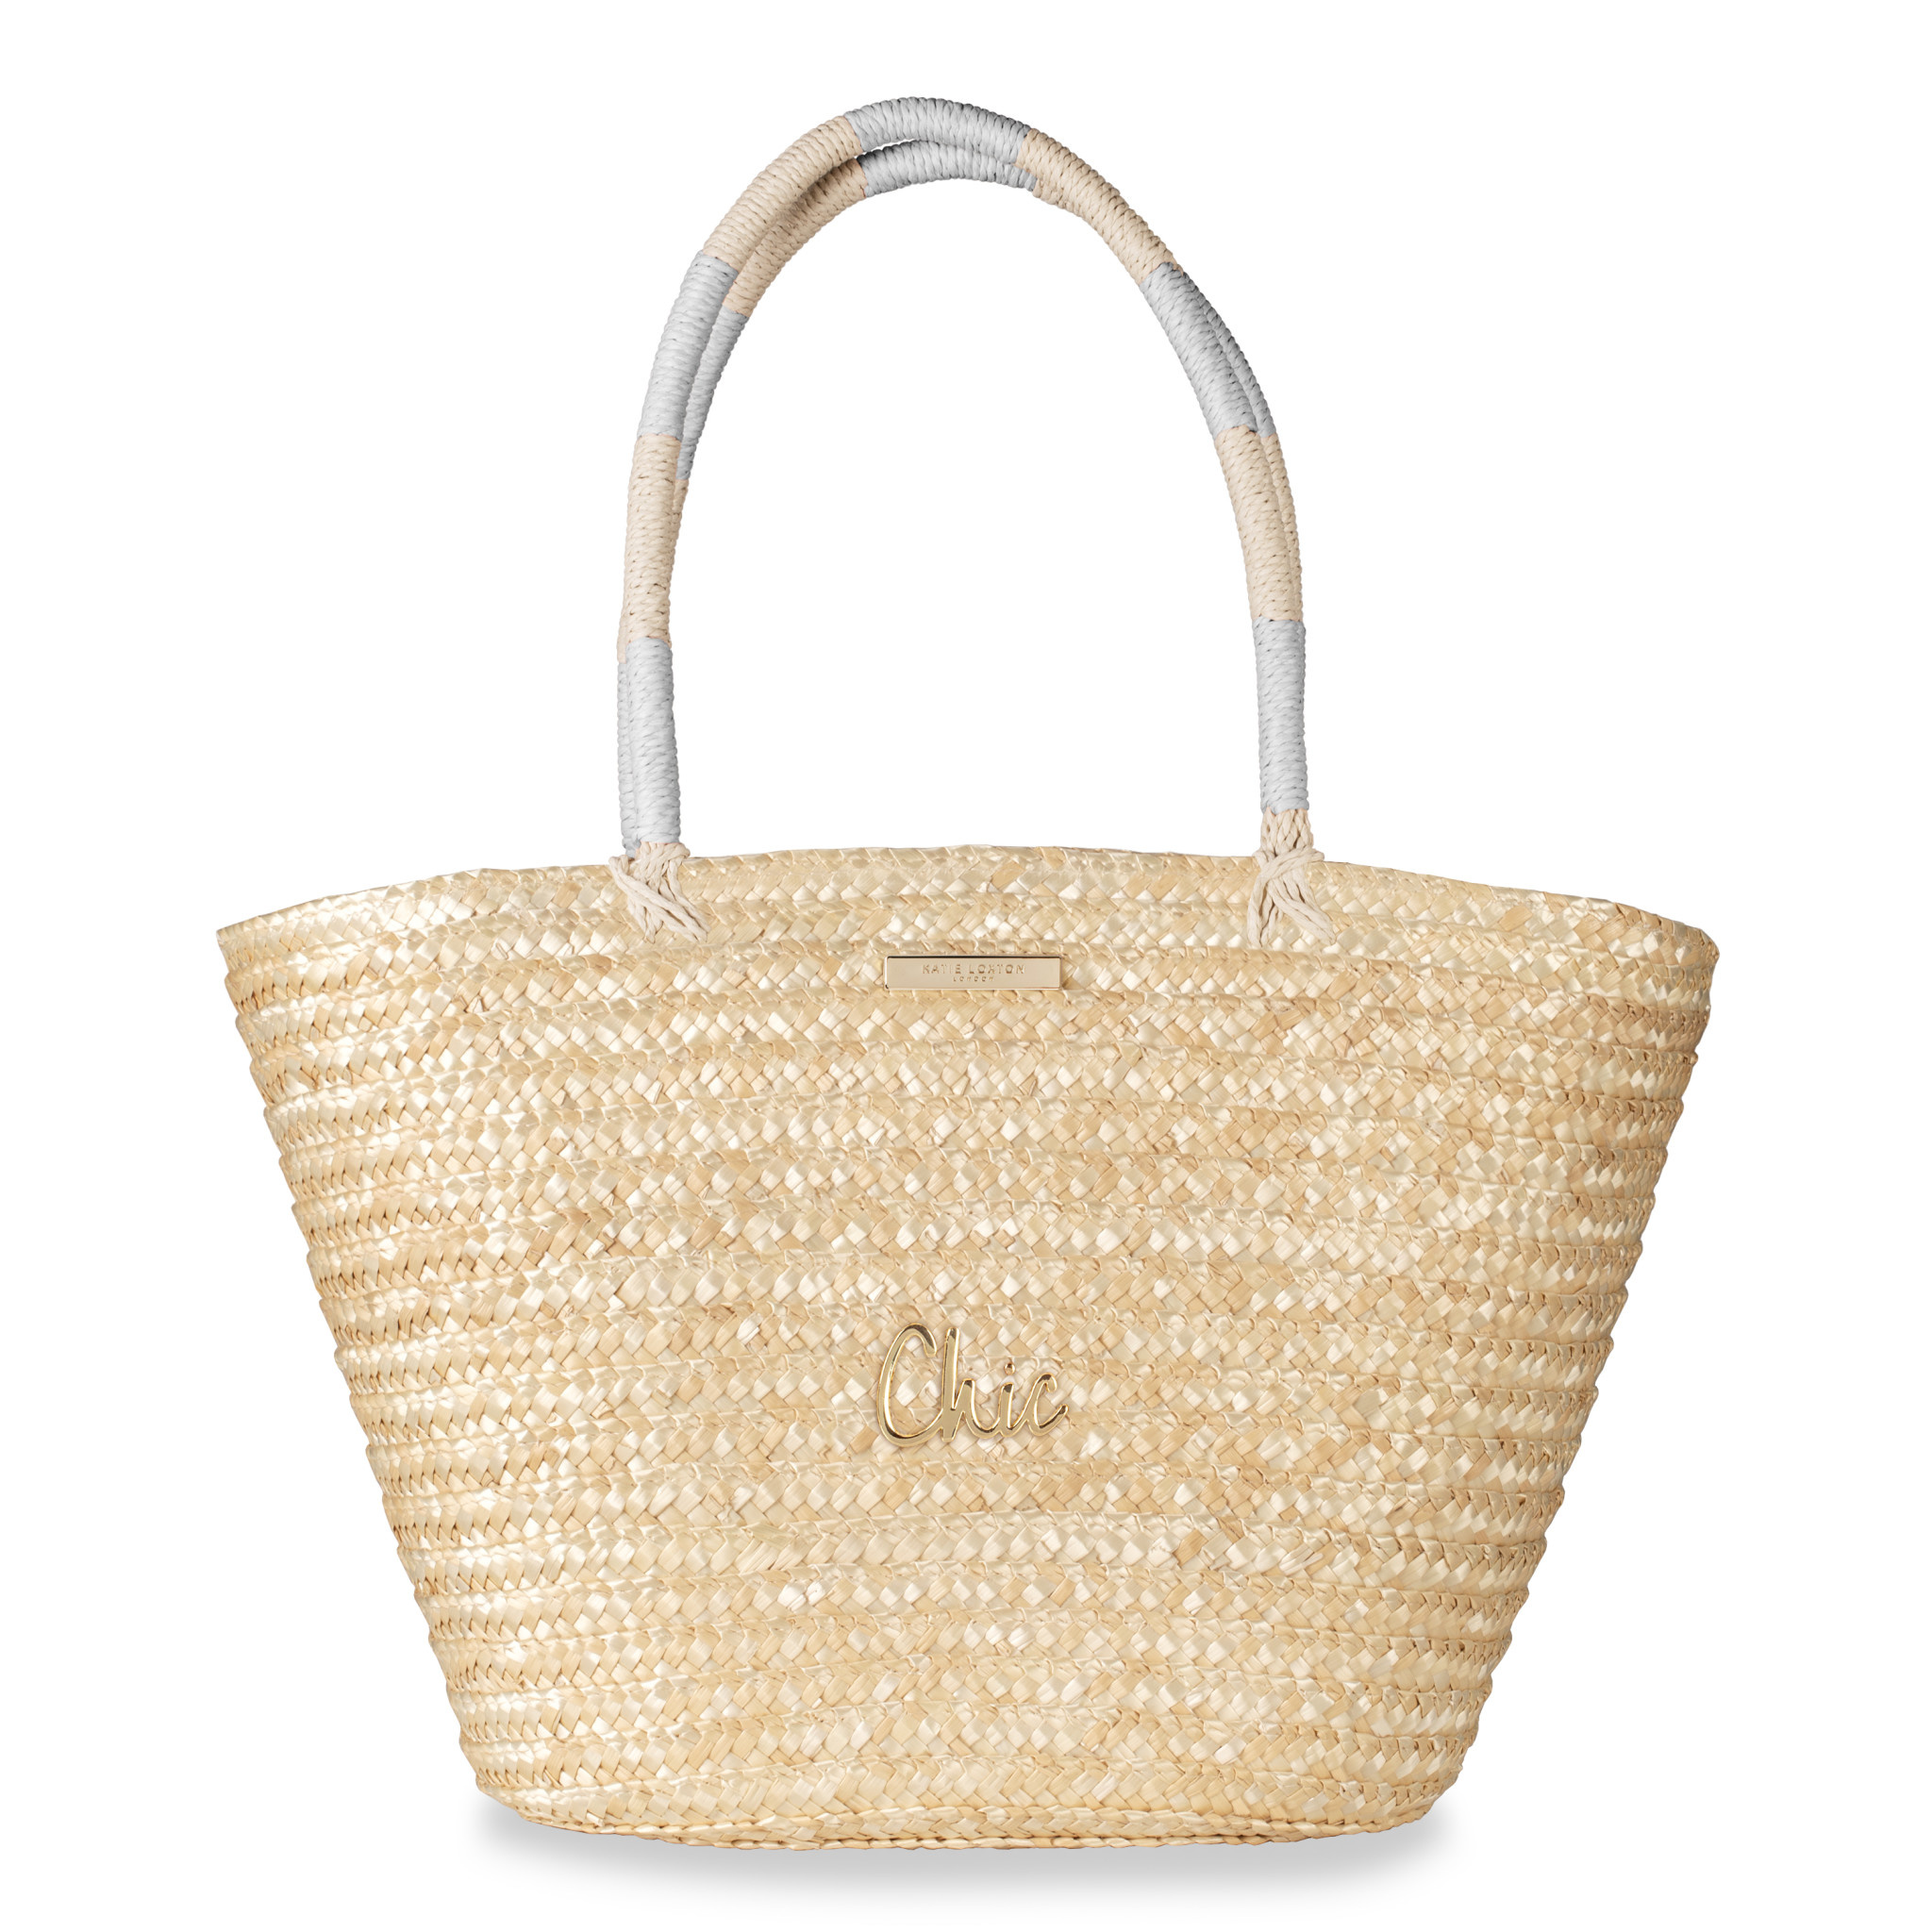 Katie Loxton Beach Bag - Chic